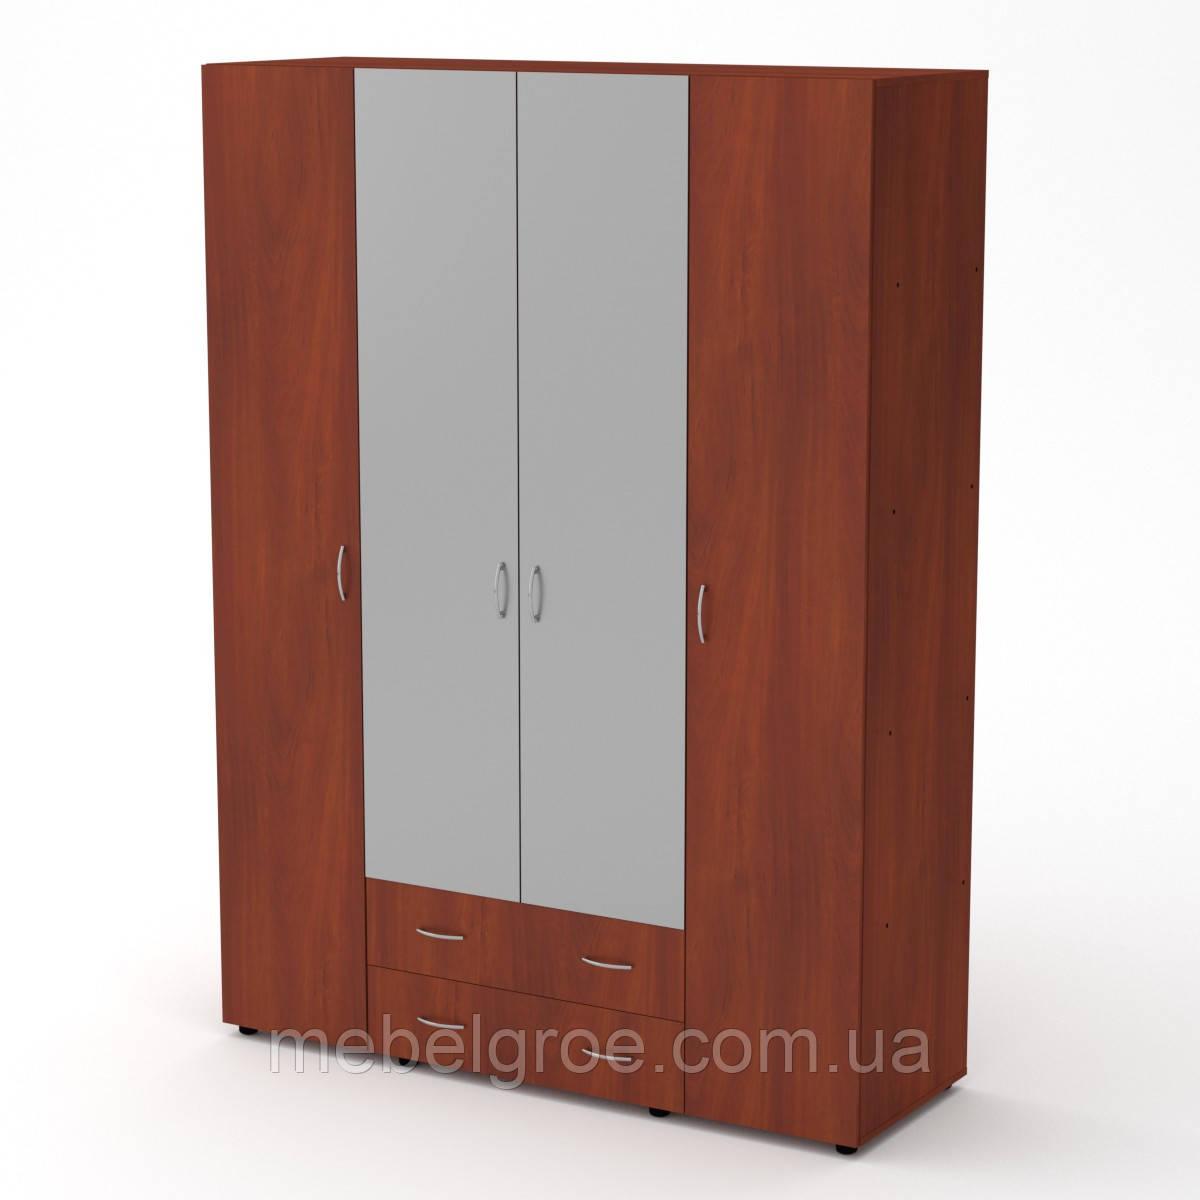 Шкаф для одежды 7 тм Компанит